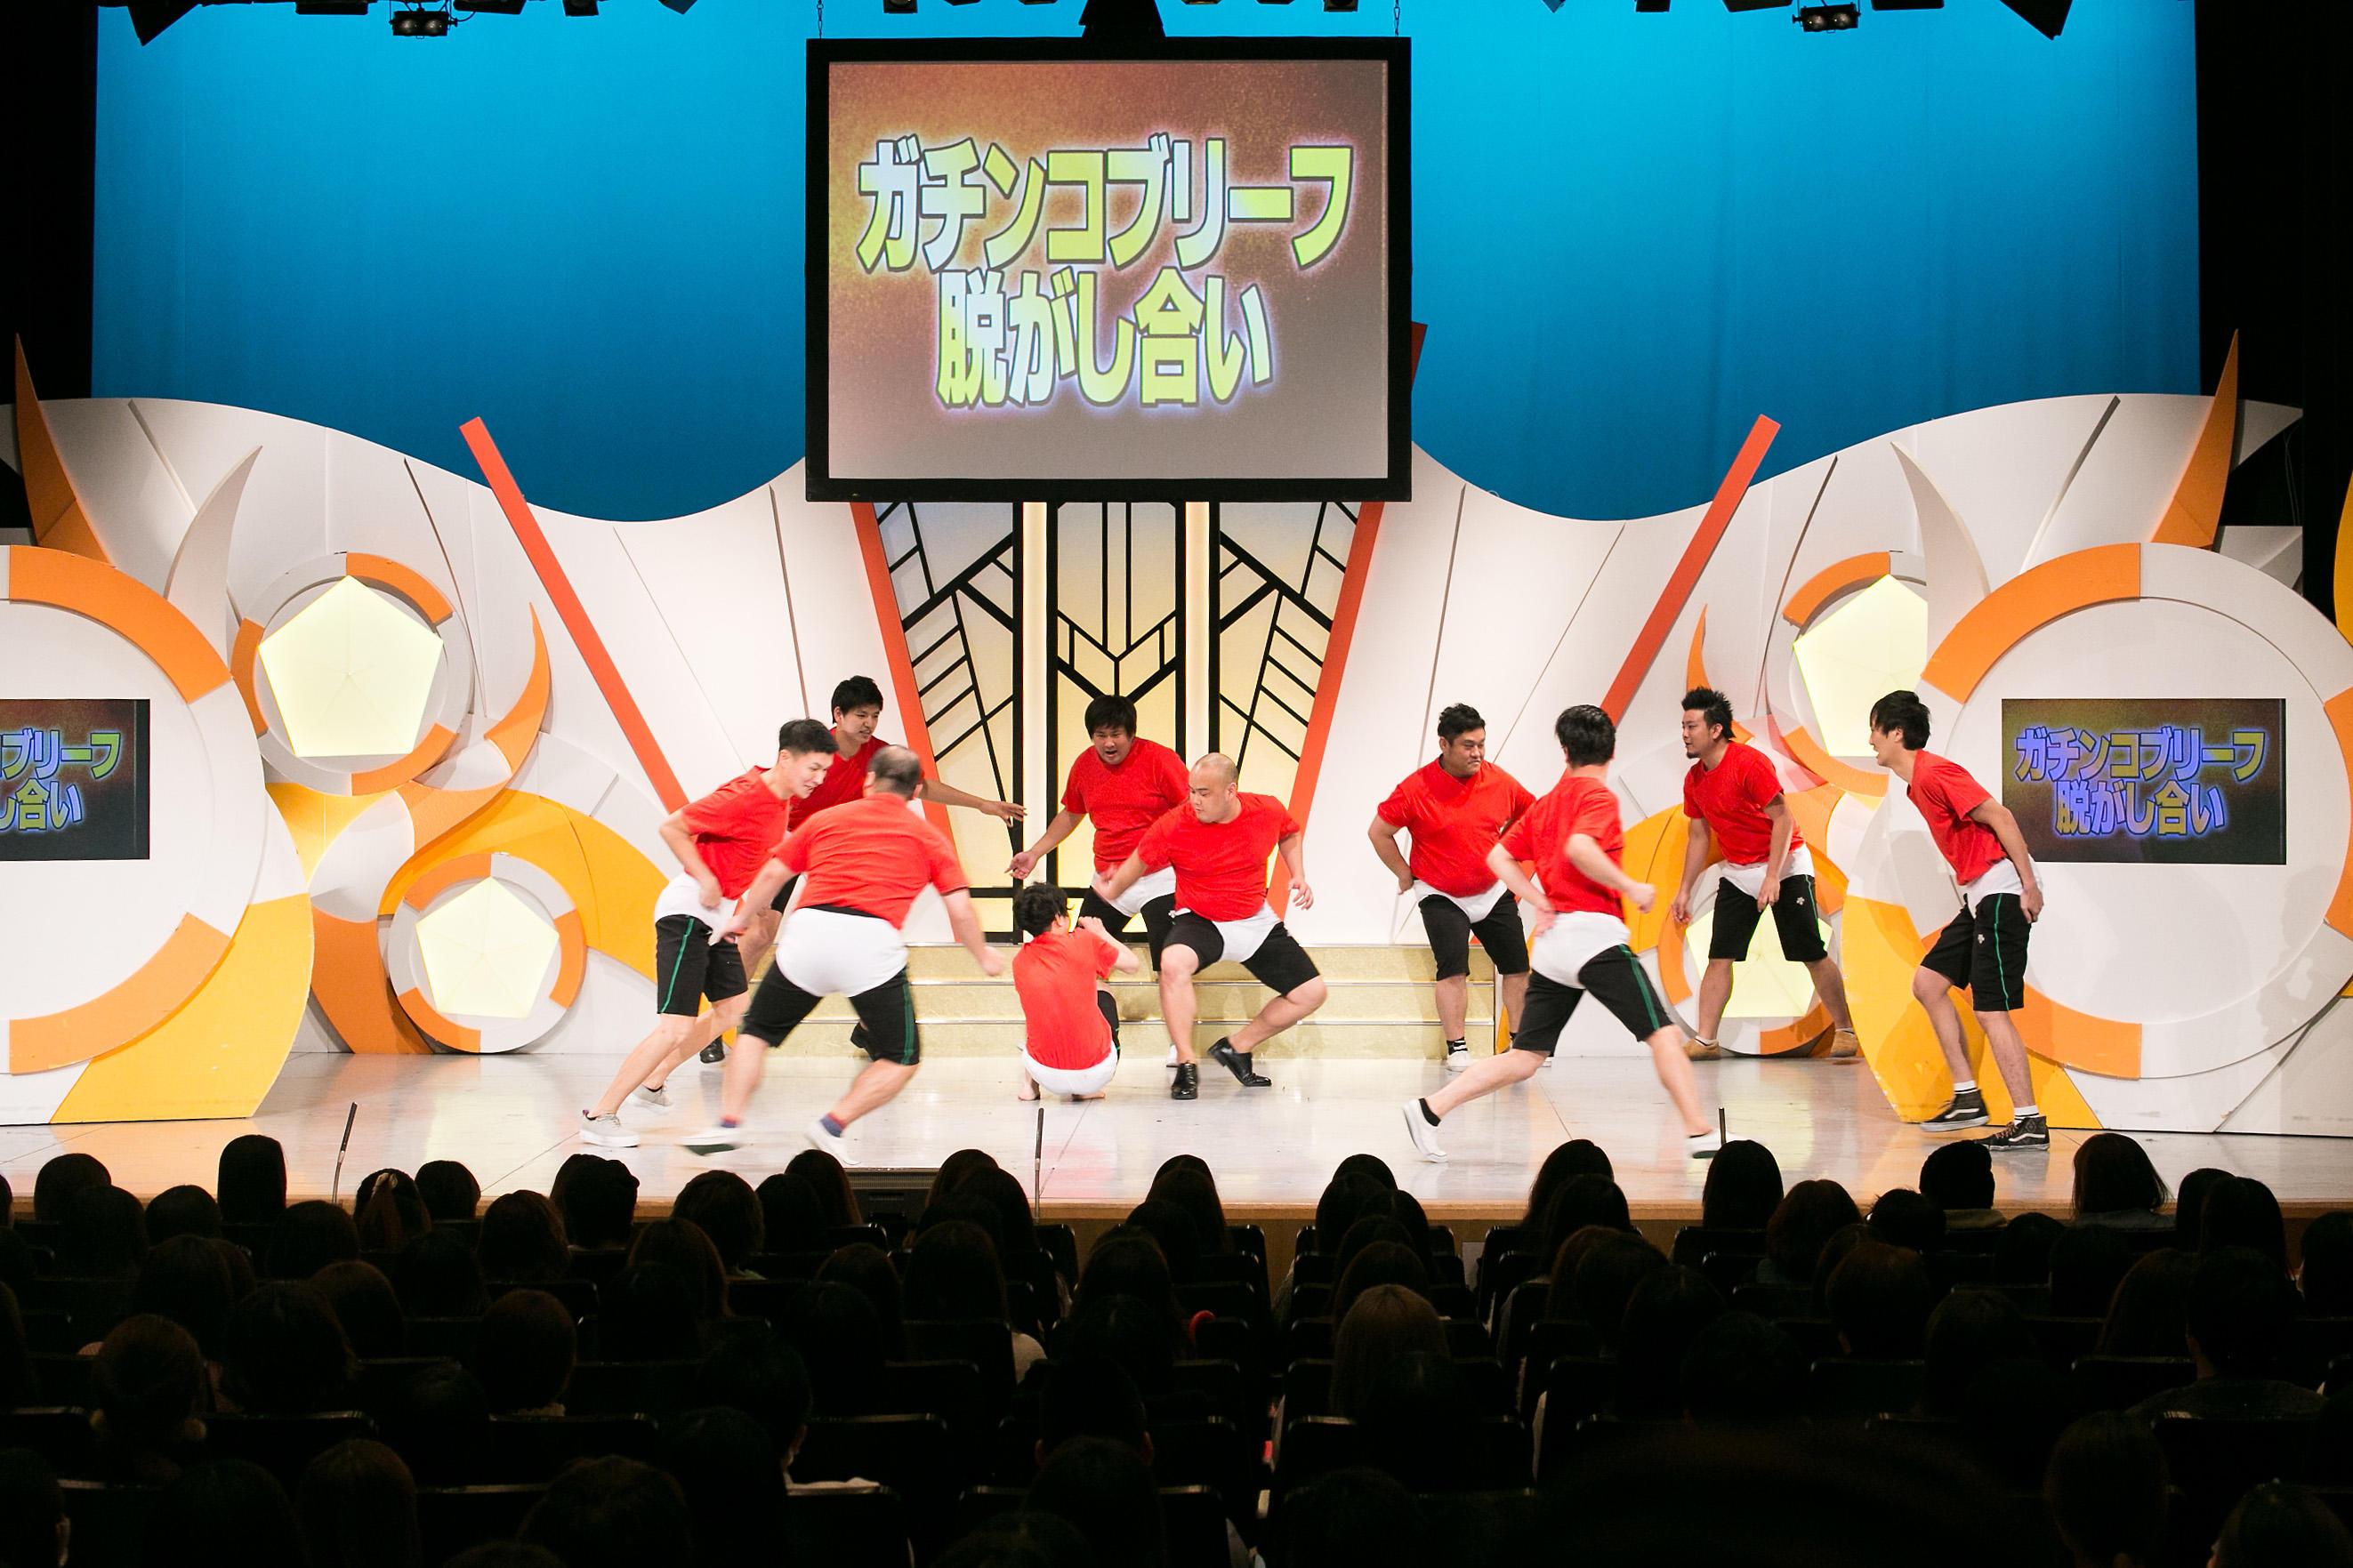 http://news.yoshimoto.co.jp/20171205221408-67a004cc1935a55c1221c4c6f2855c1121b9a8d3.jpg